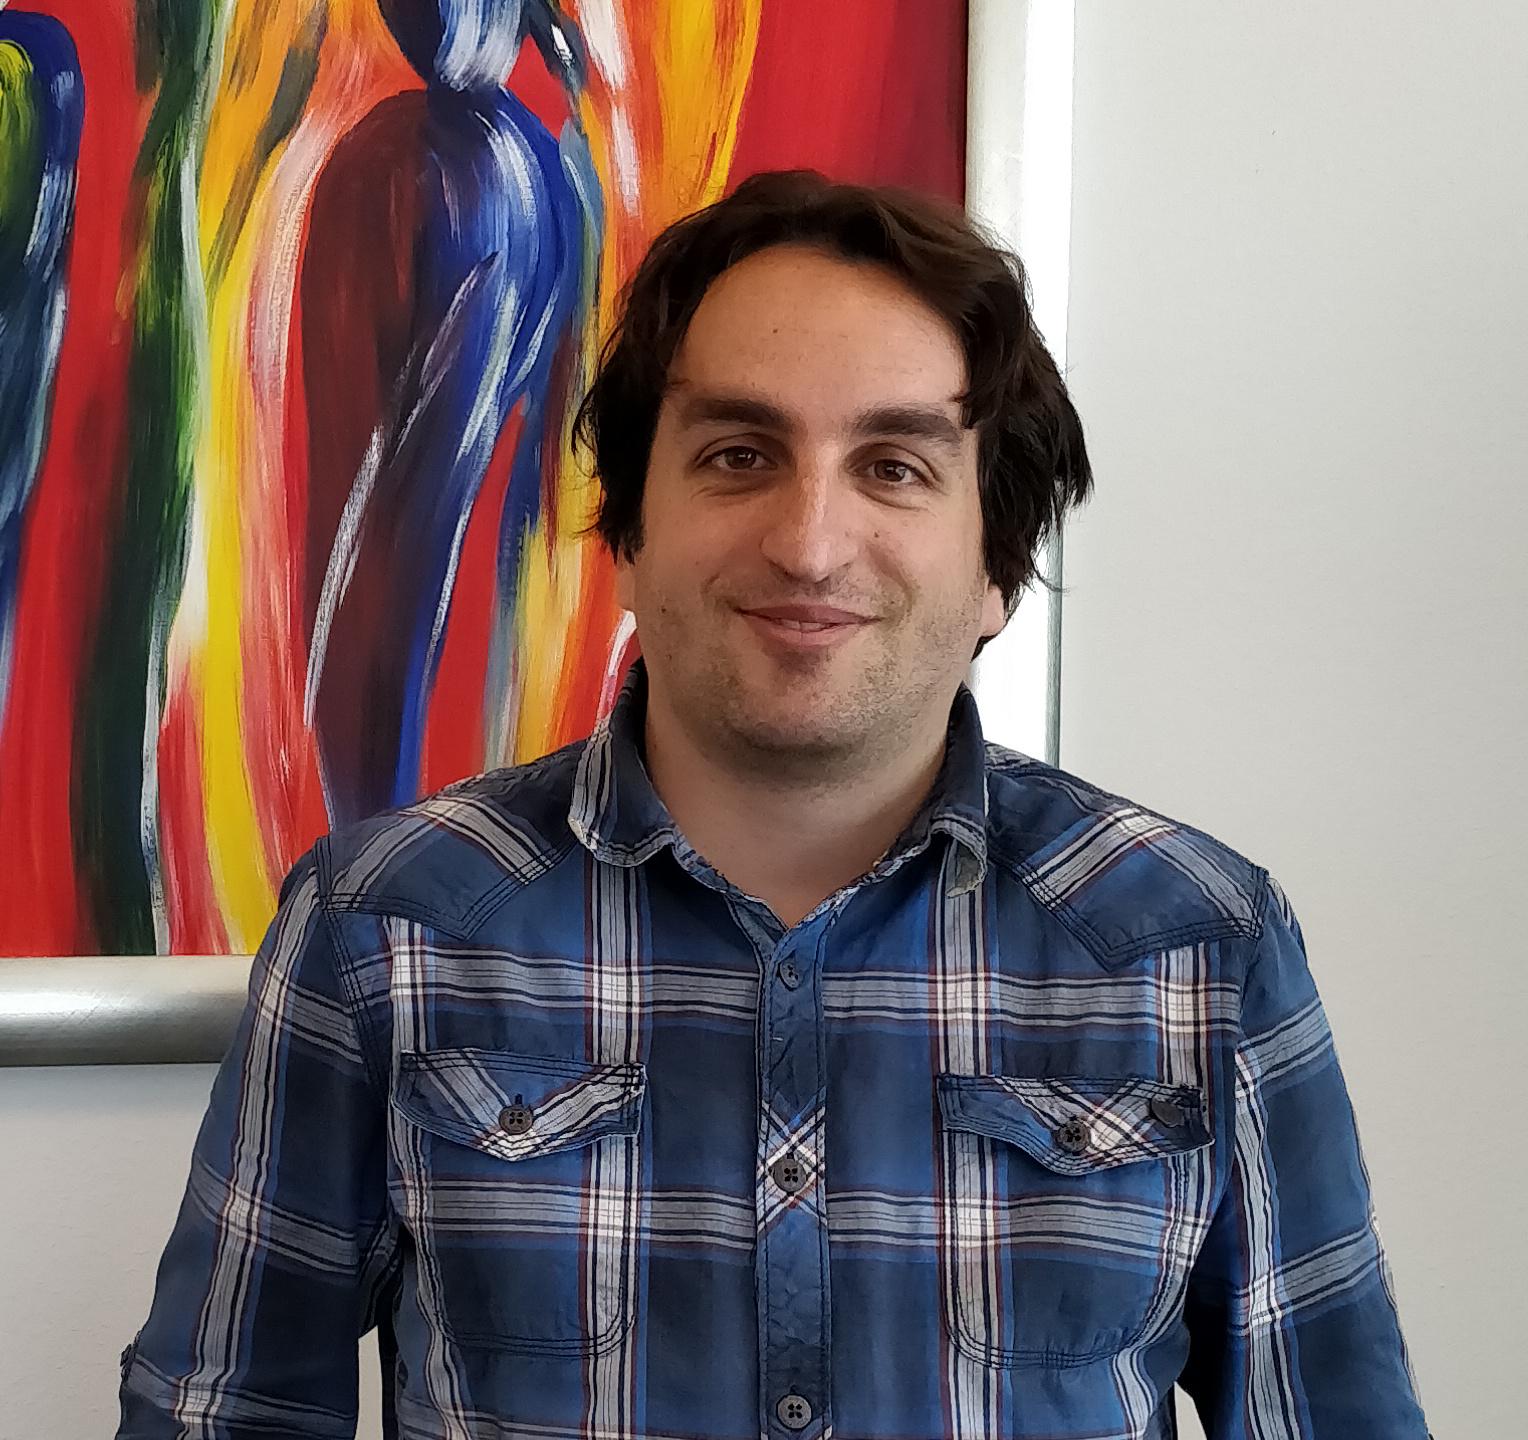 Jon Jonoski